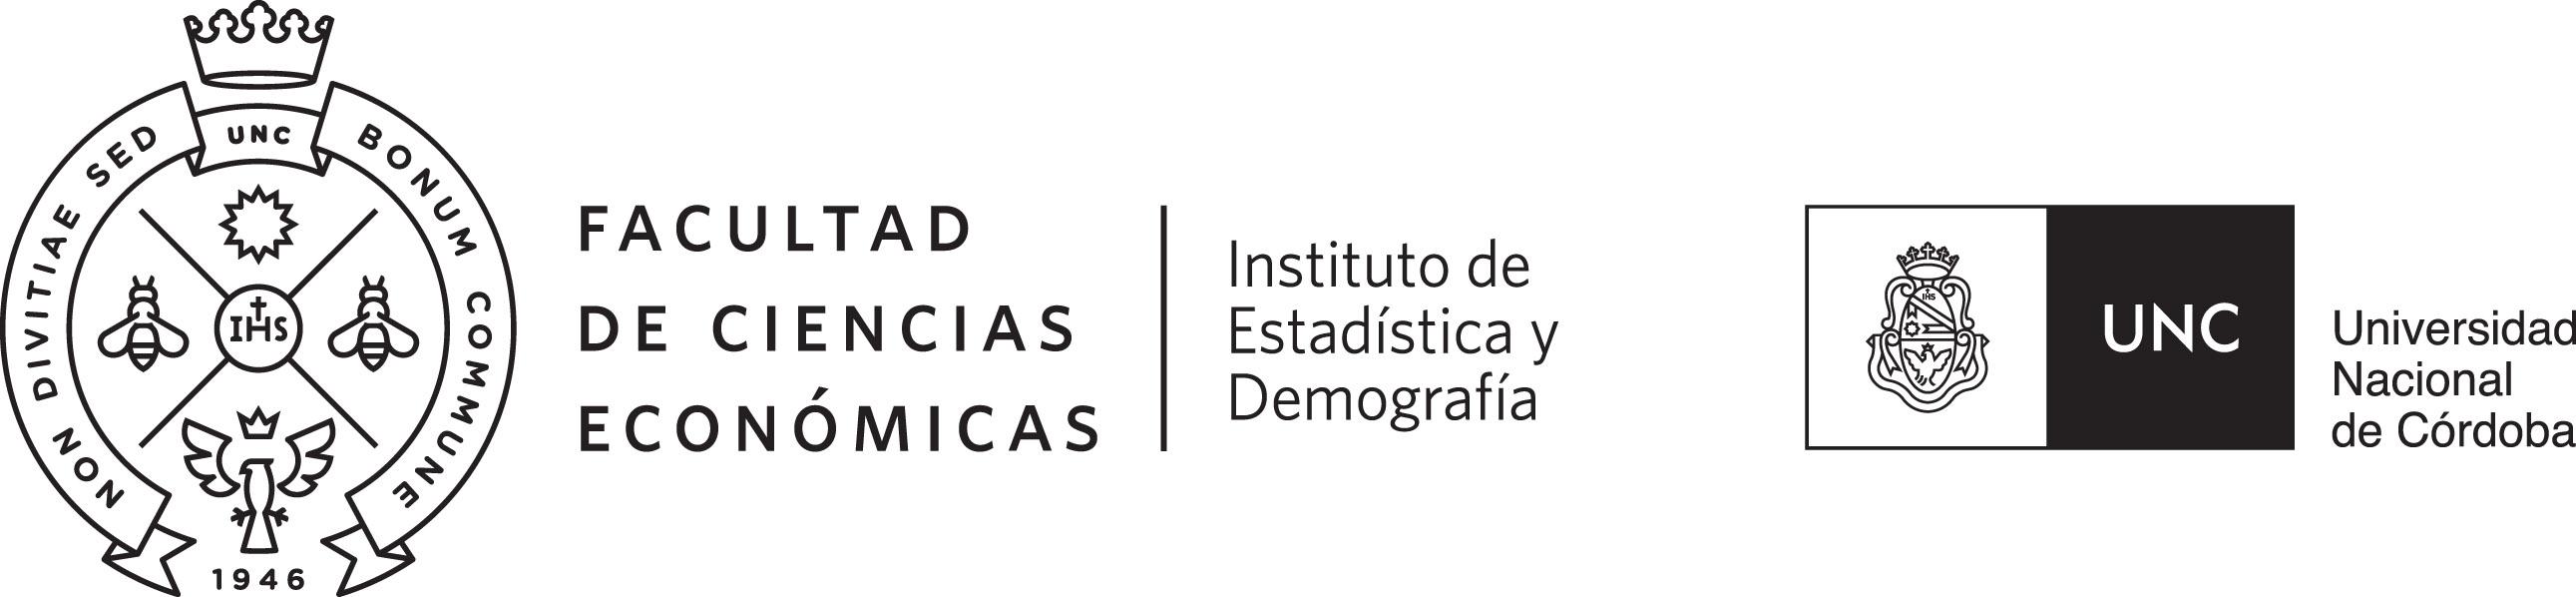 Logo Inst Estad